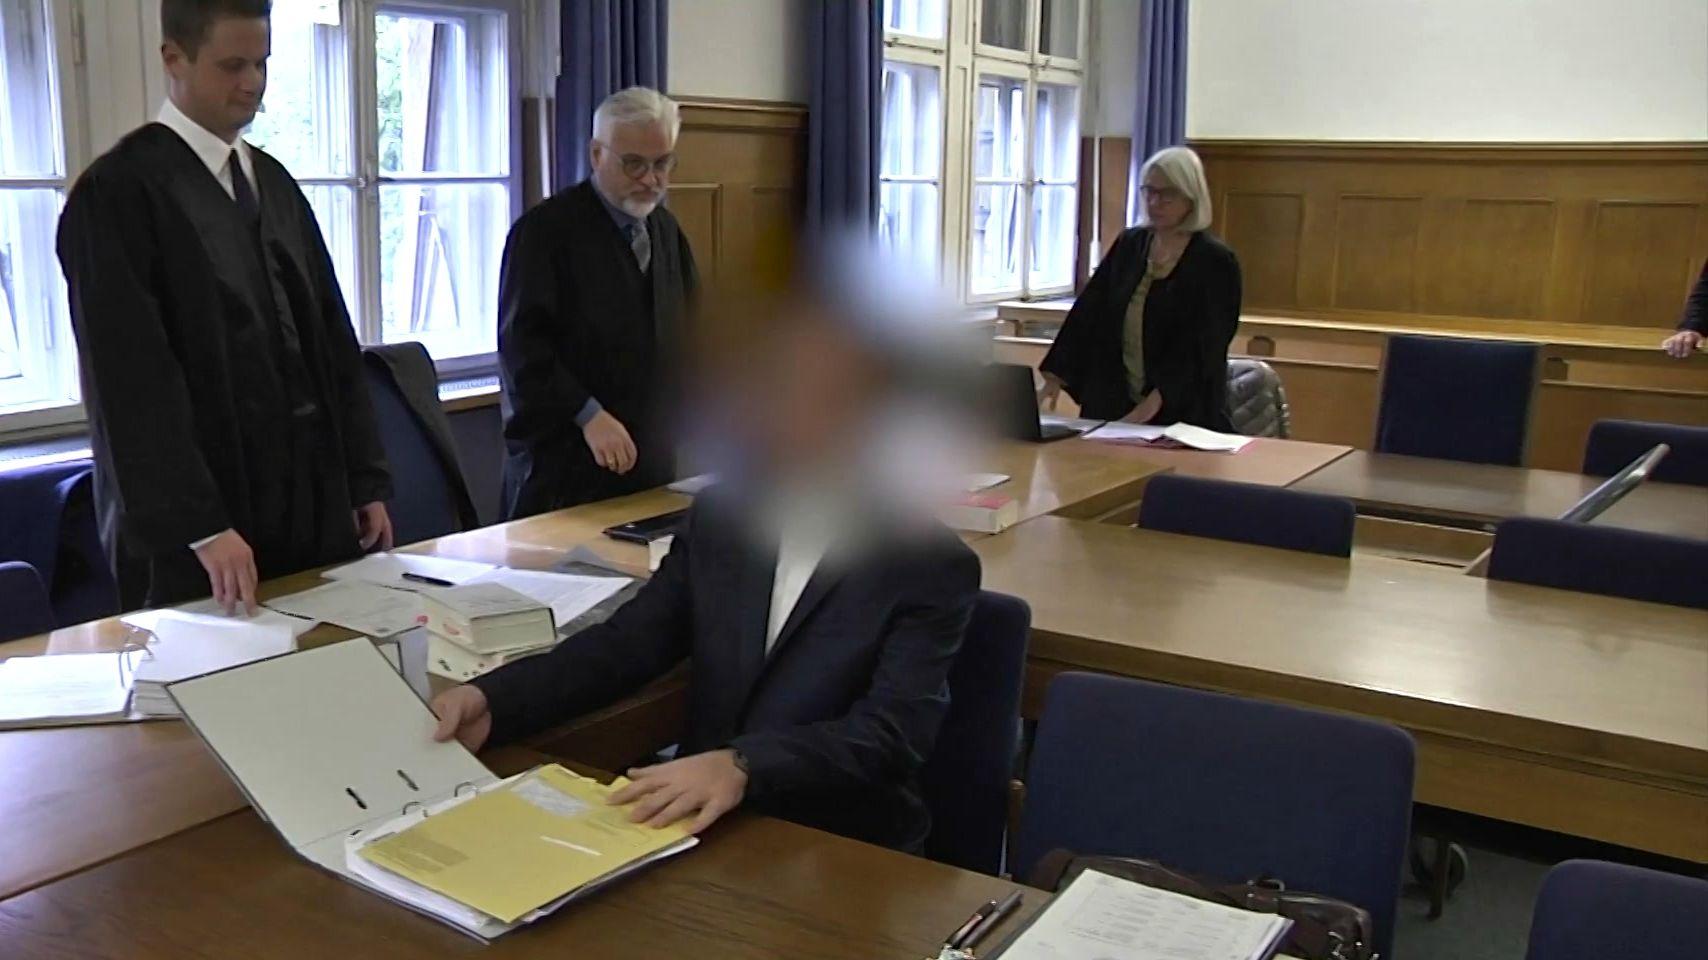 Der Angeklagte im Gerichtssaal des Landgerichts Nürnberg-Fürth